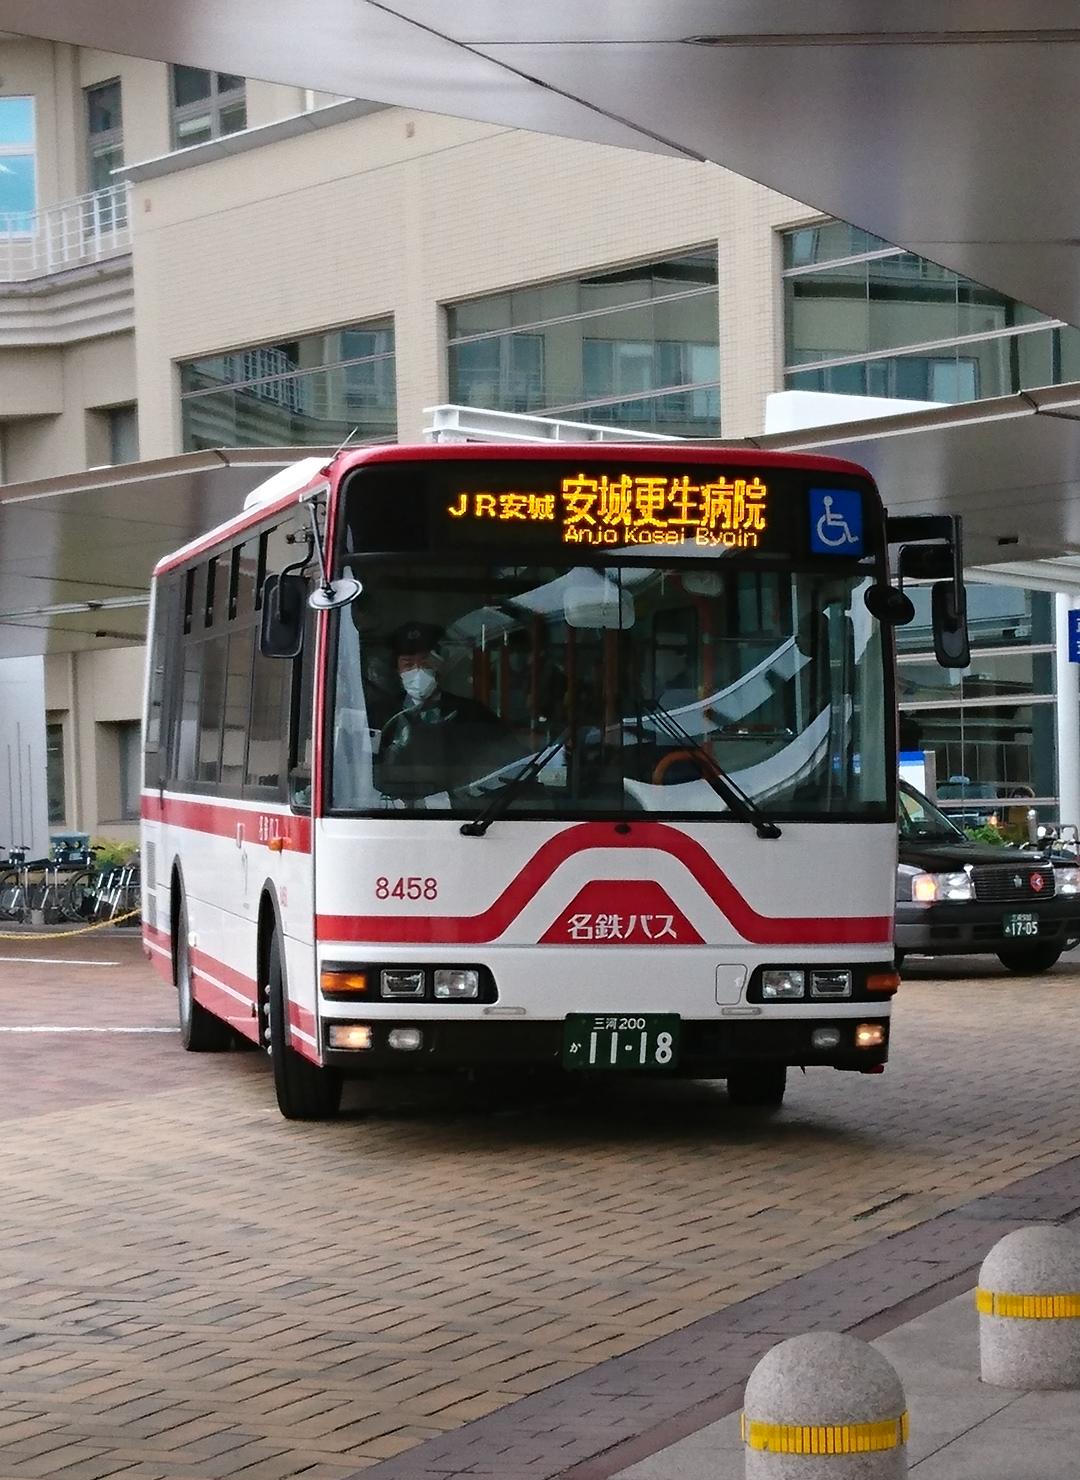 2016.11.10 更生病院 - 名鉄バス